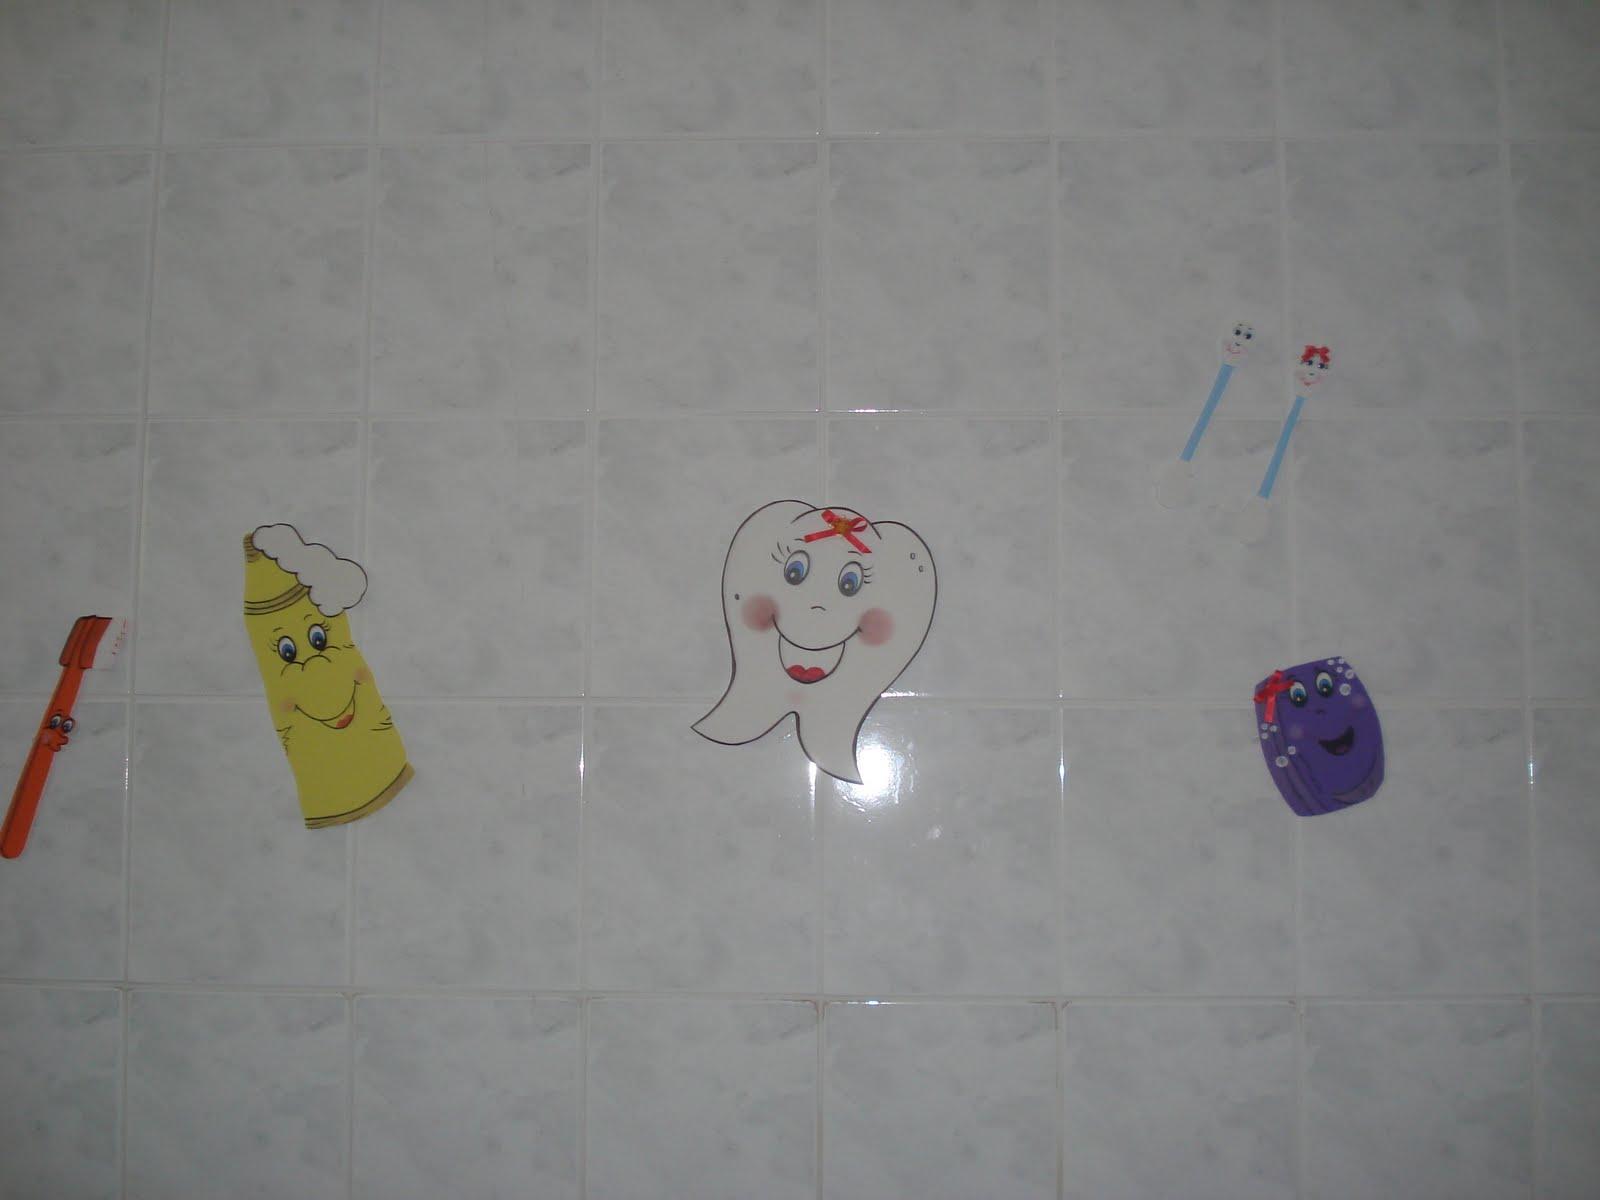 CRIARTE Criando com Arte: Enfeites para banheiro #713226 1600x1200 Banheiro Acessivel Em Escola